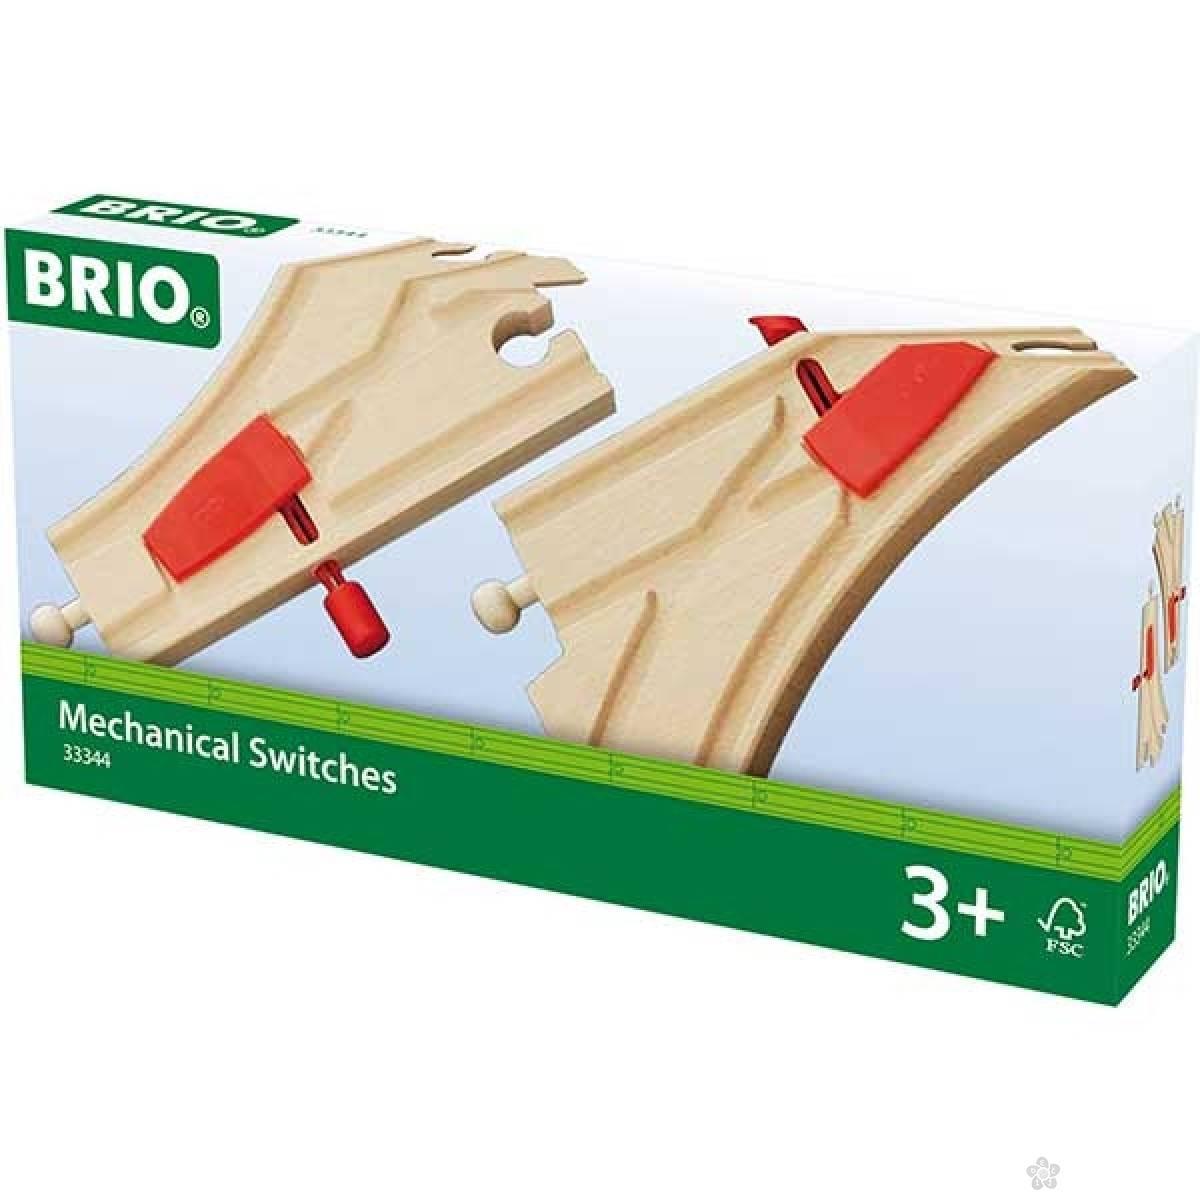 Delovi za prugu - mehanički prekidači Brio BR33344